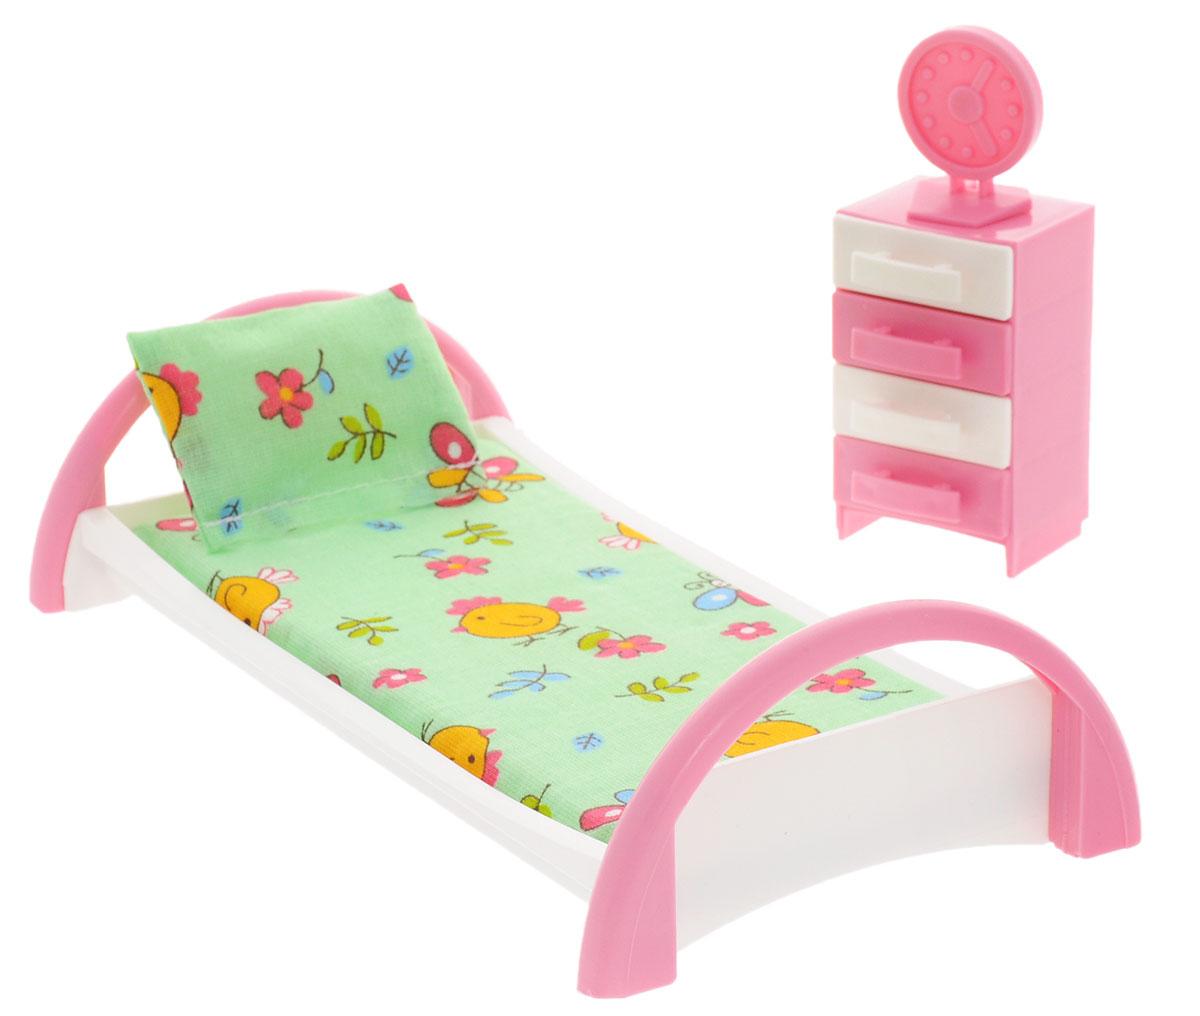 Форма Набор мебели для кукол Кровать с тумбочкой цвет зеленыйС-50-Ф_зеленыйНабор мебели для кукол Форма Кровать с тумбочкой изготовлена для кукол не выше 20 см. Эти предметы мебели создают настоящий уют в кукольной спальне. Игровой набор мебели включает в себя кроватку для куклы с постельным бельем, тумбочку (у тумбочки выдвигаются ящички) и часы, которые можно установить на тумбочку. Весь набор изготовлен из прочного и безопасного материала. Порадуйте свою малышку таким замечательным подарком!